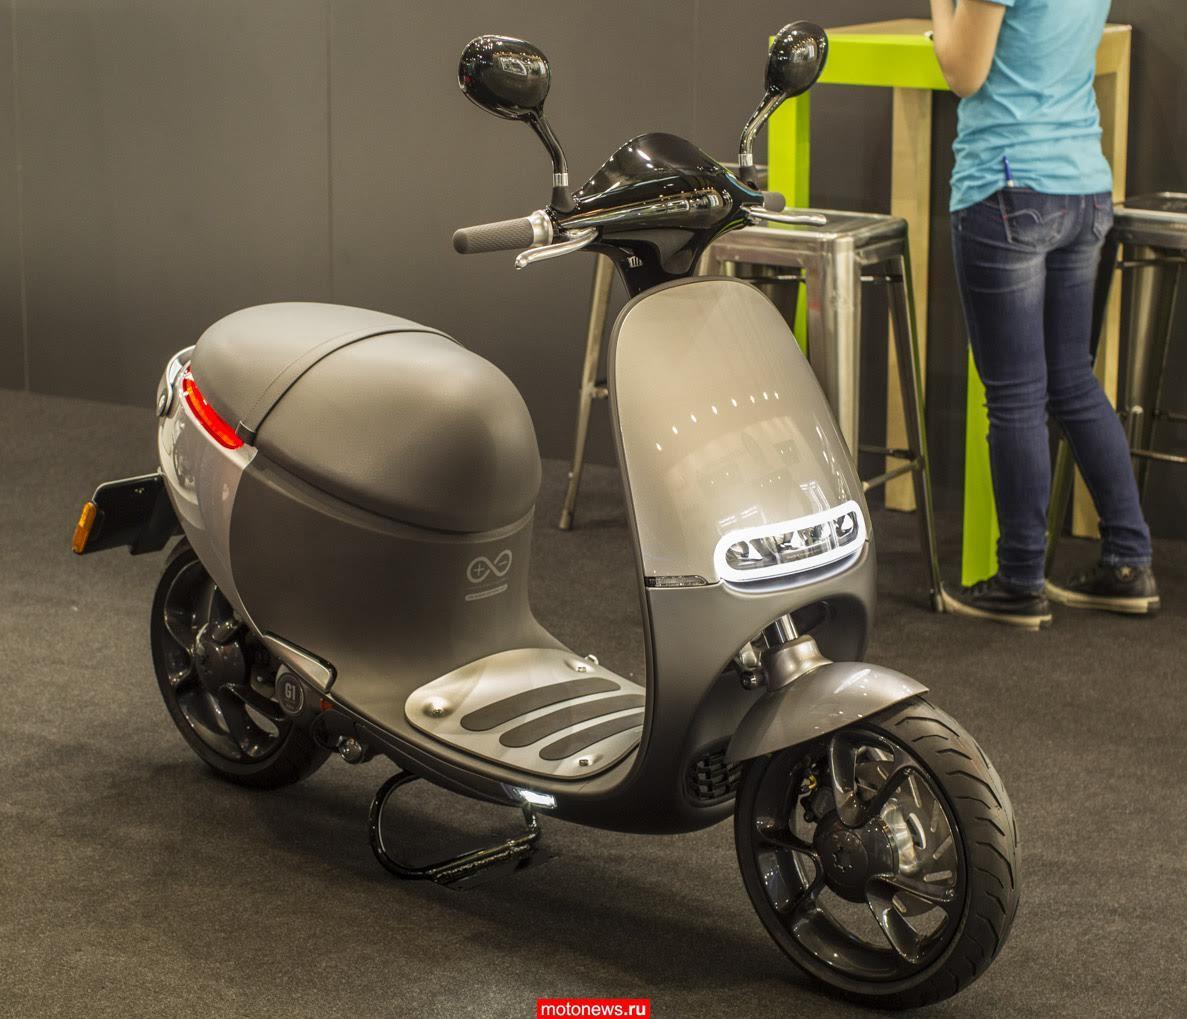 Скутер Gogoro из Таиланда – на выставке EICMA-2015